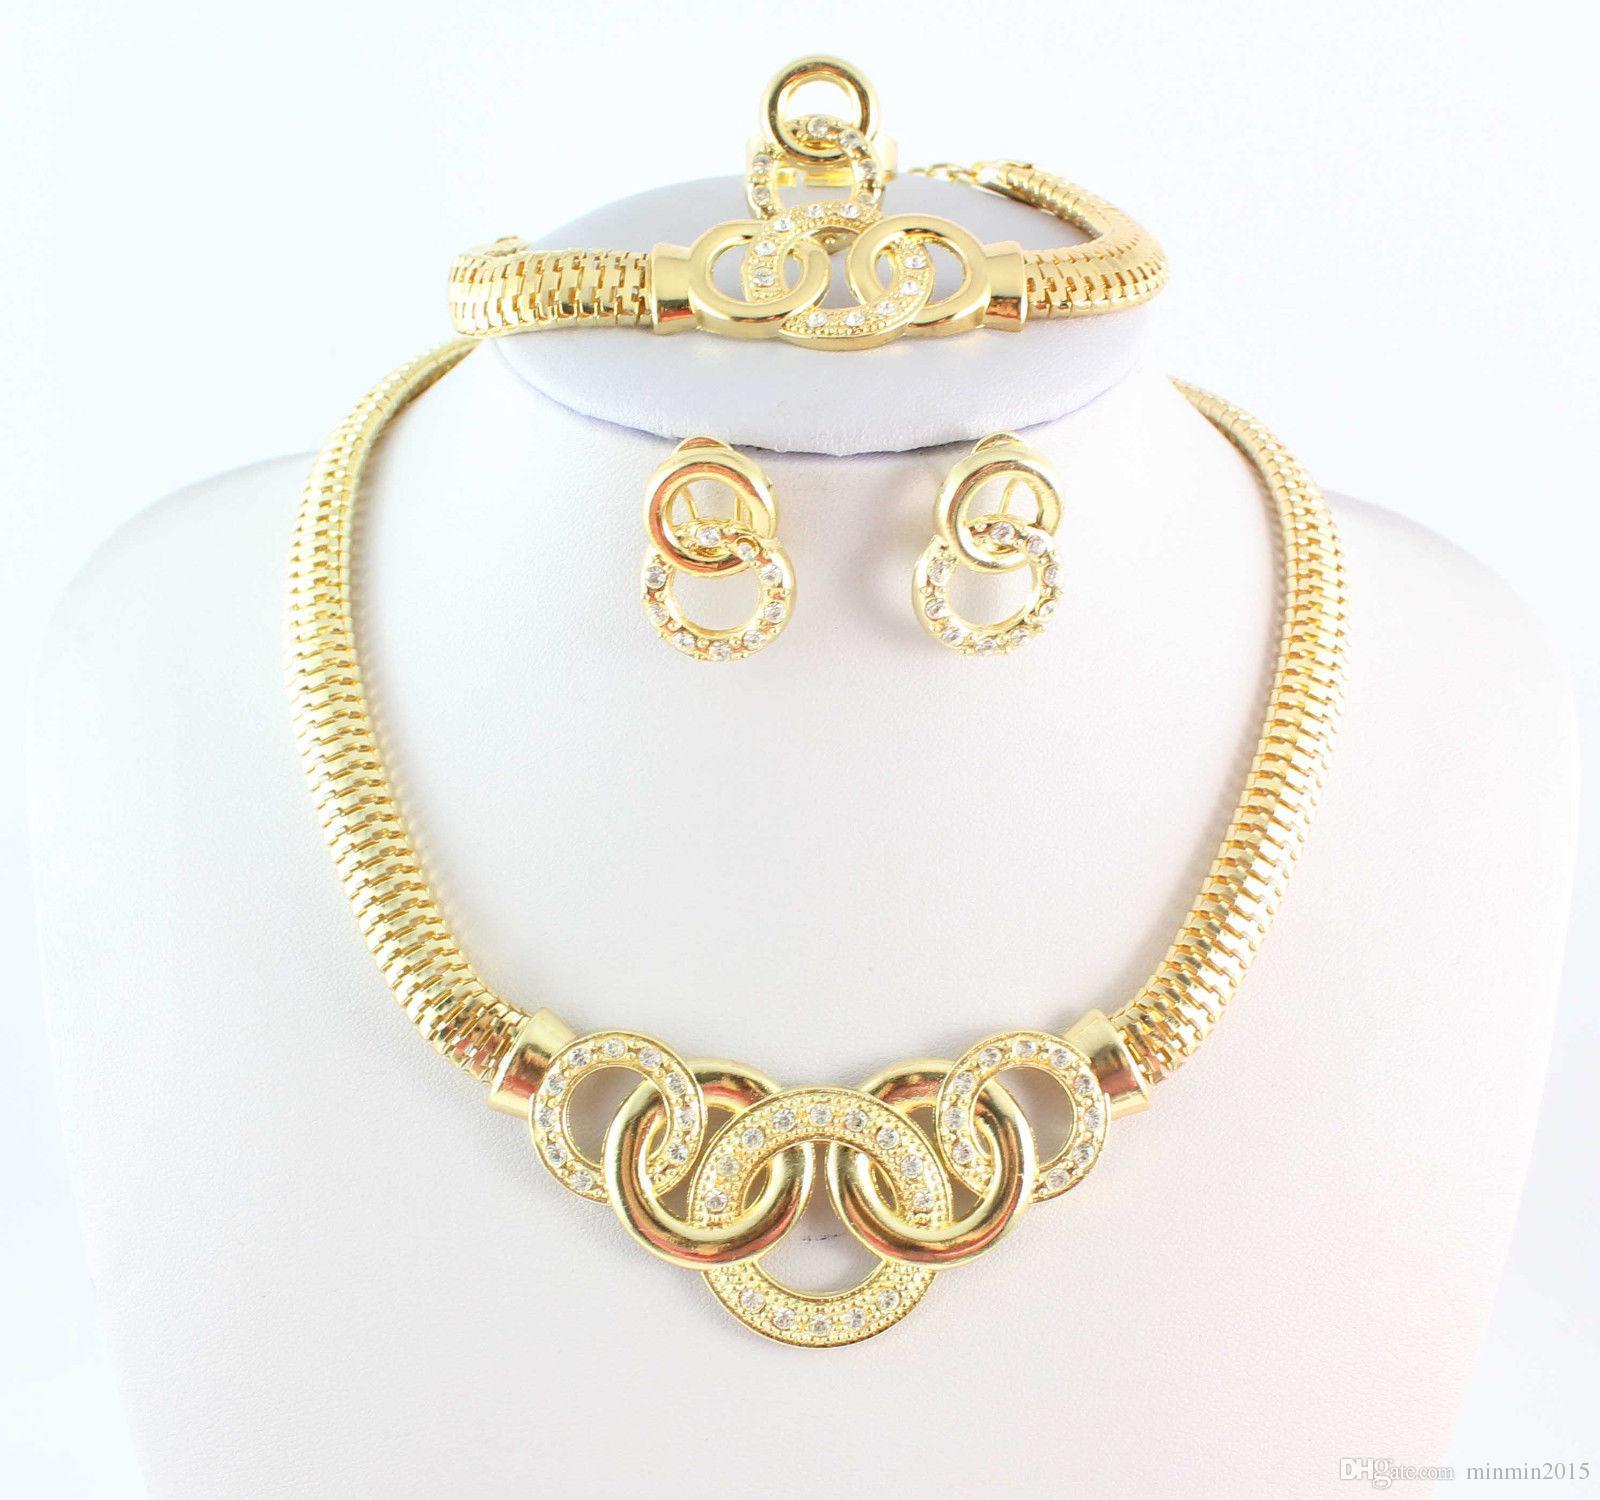 حار بيع الأزياء قلادة مجموعة المجوهرات الأفريقية مجموعة 18 كيلو الذهب مطلي الزفاف rhingstone دبي أحدث الهندي حزب الملحقات